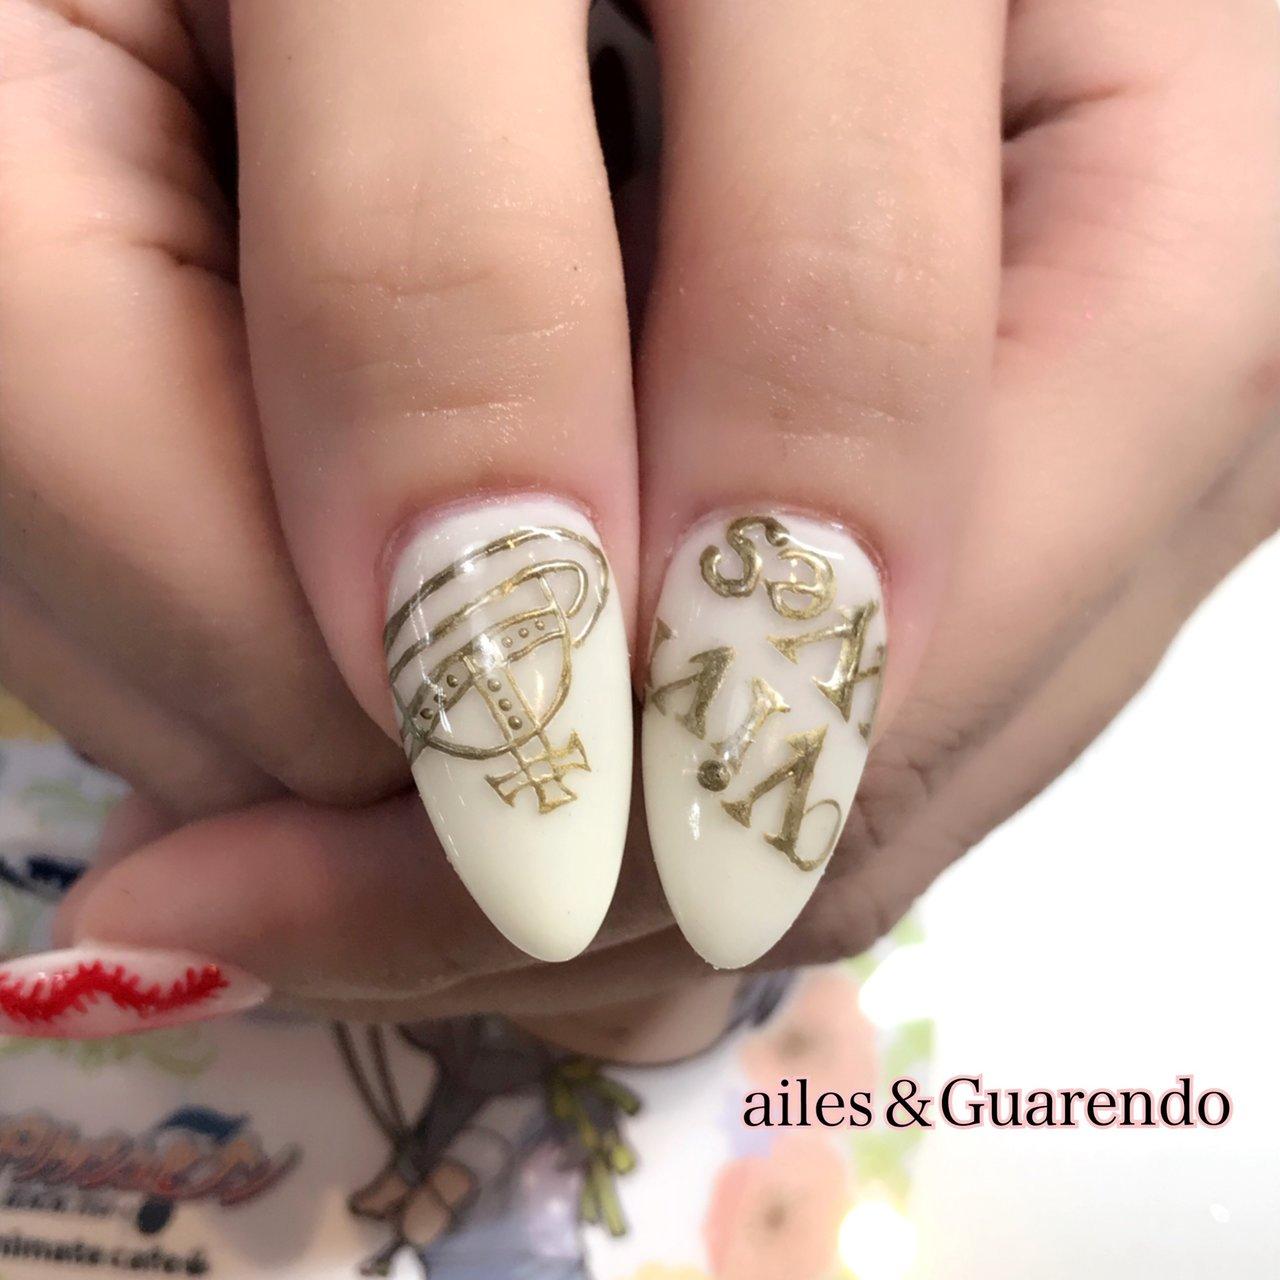 ヴィヴィアンネイルの親指載せ忘れてたので(笑)  ロゴといっしょに( ^ω^ ) #ホワイト #お客様 #ailes&Guarendo #ネイルブック